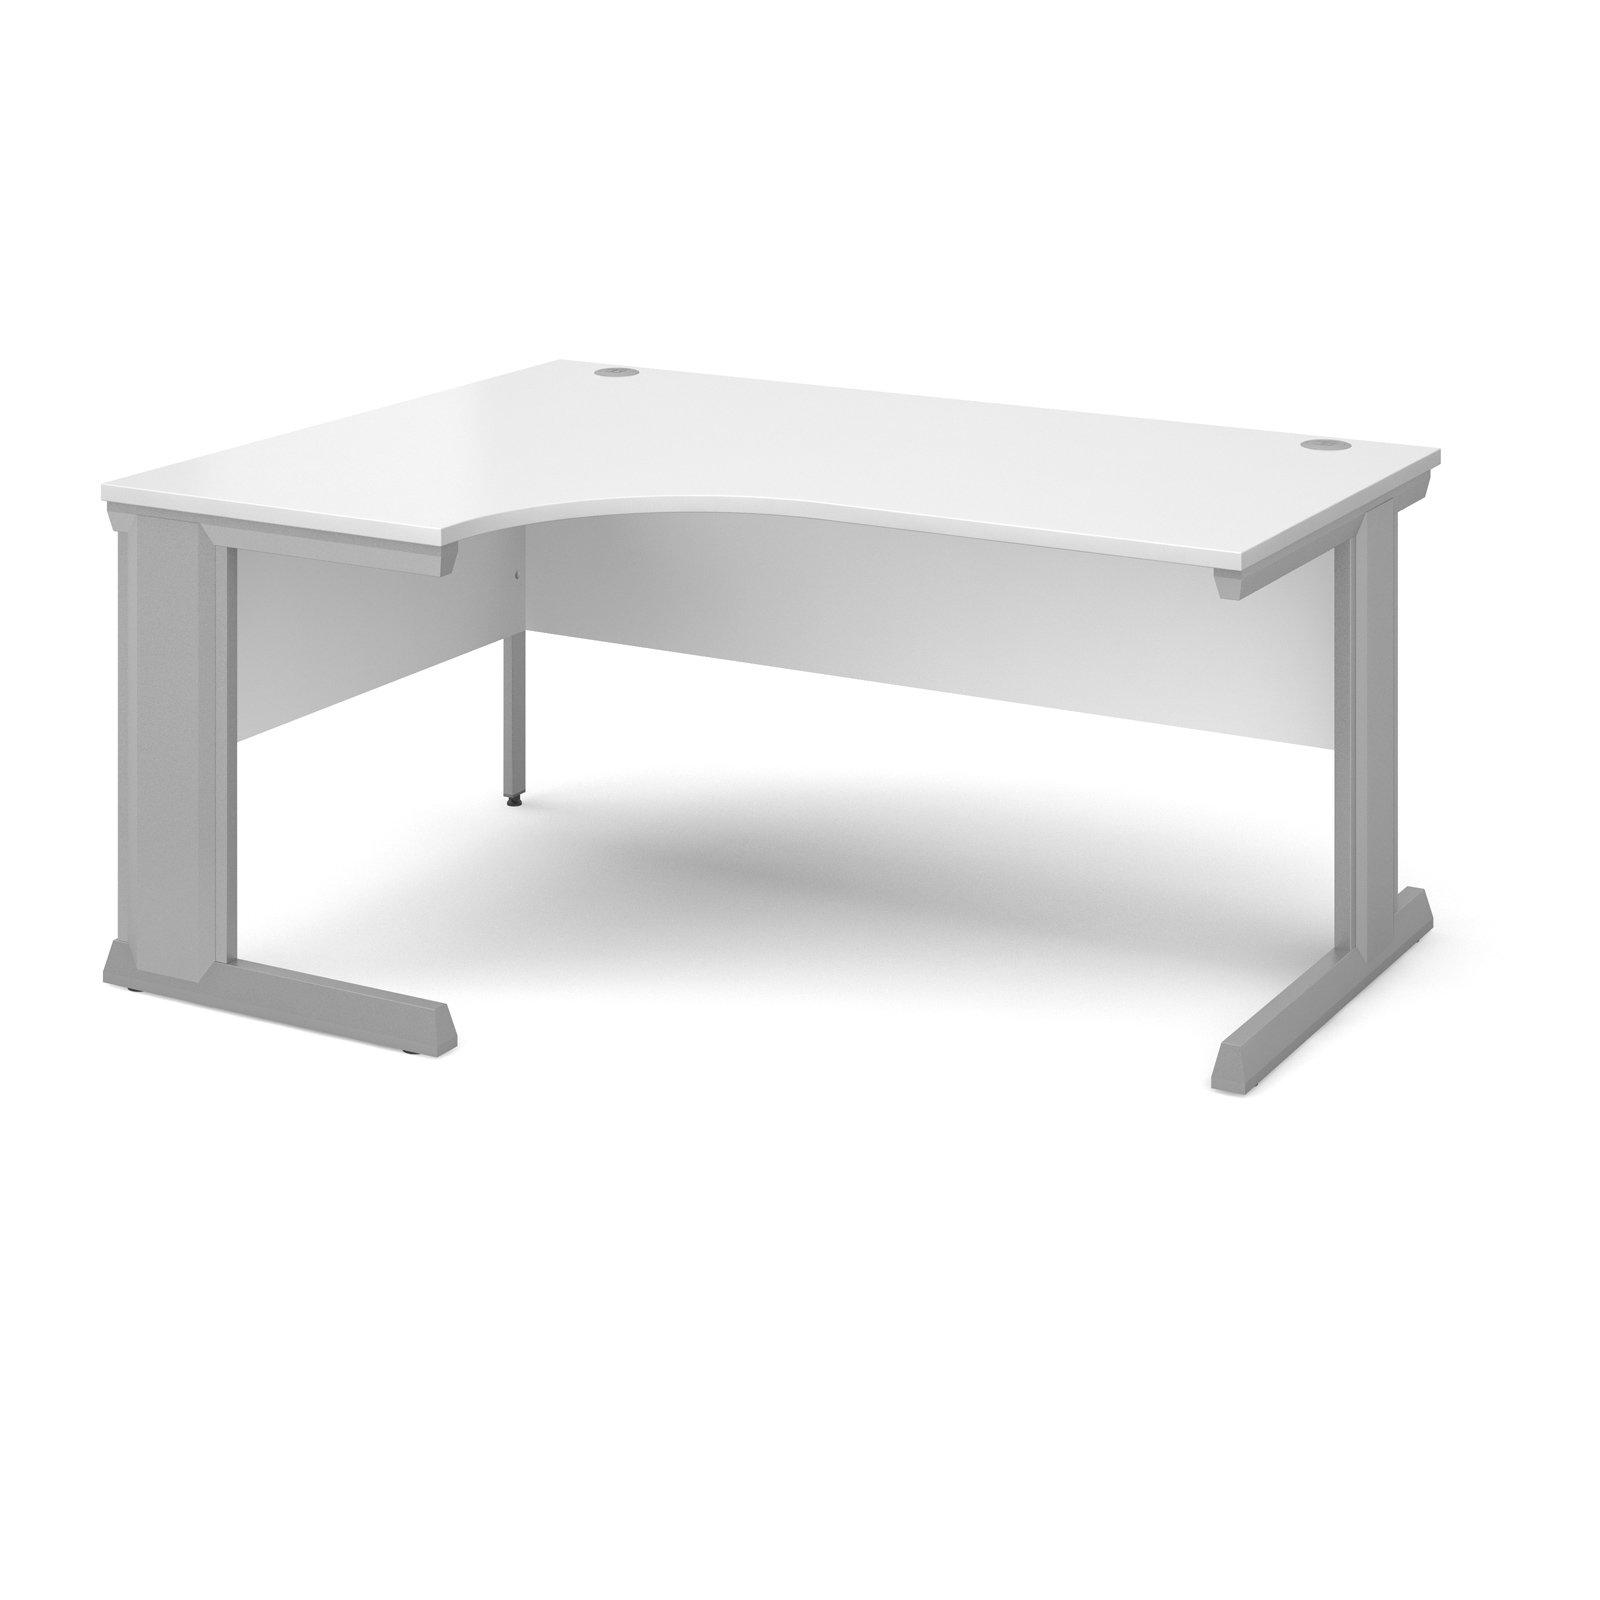 Compare prices for Vivo Left Hand Ergonomic Desk 1600mm - Silver Frame White Top